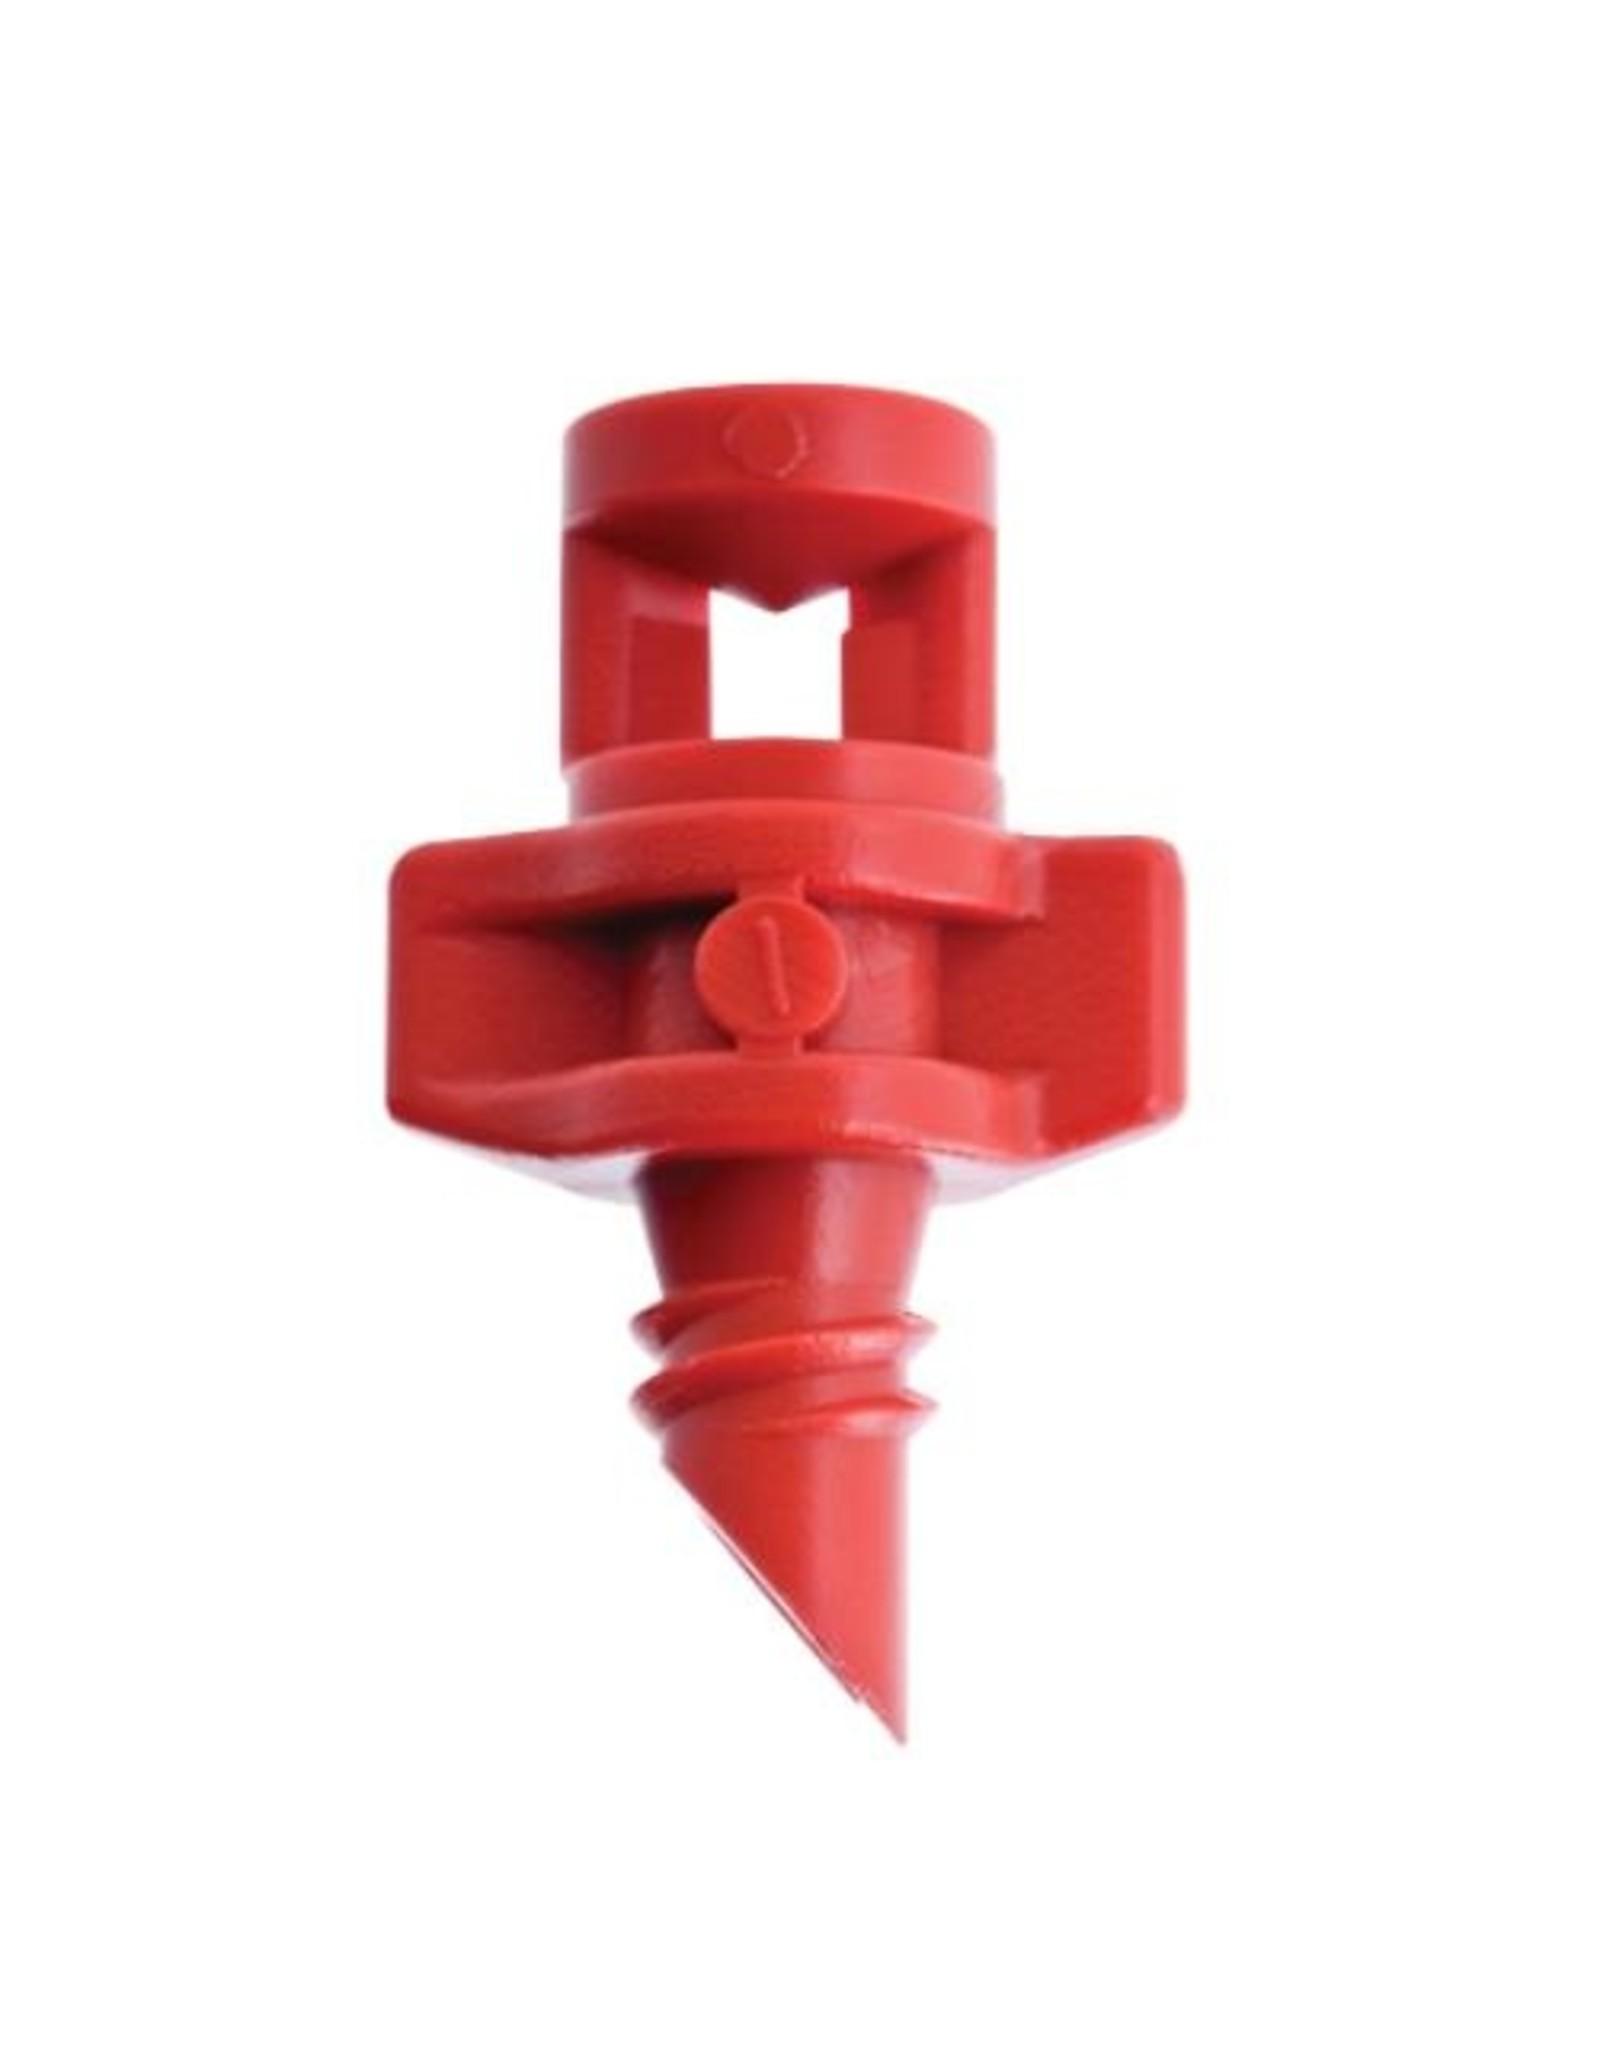 360 Sprayer Red